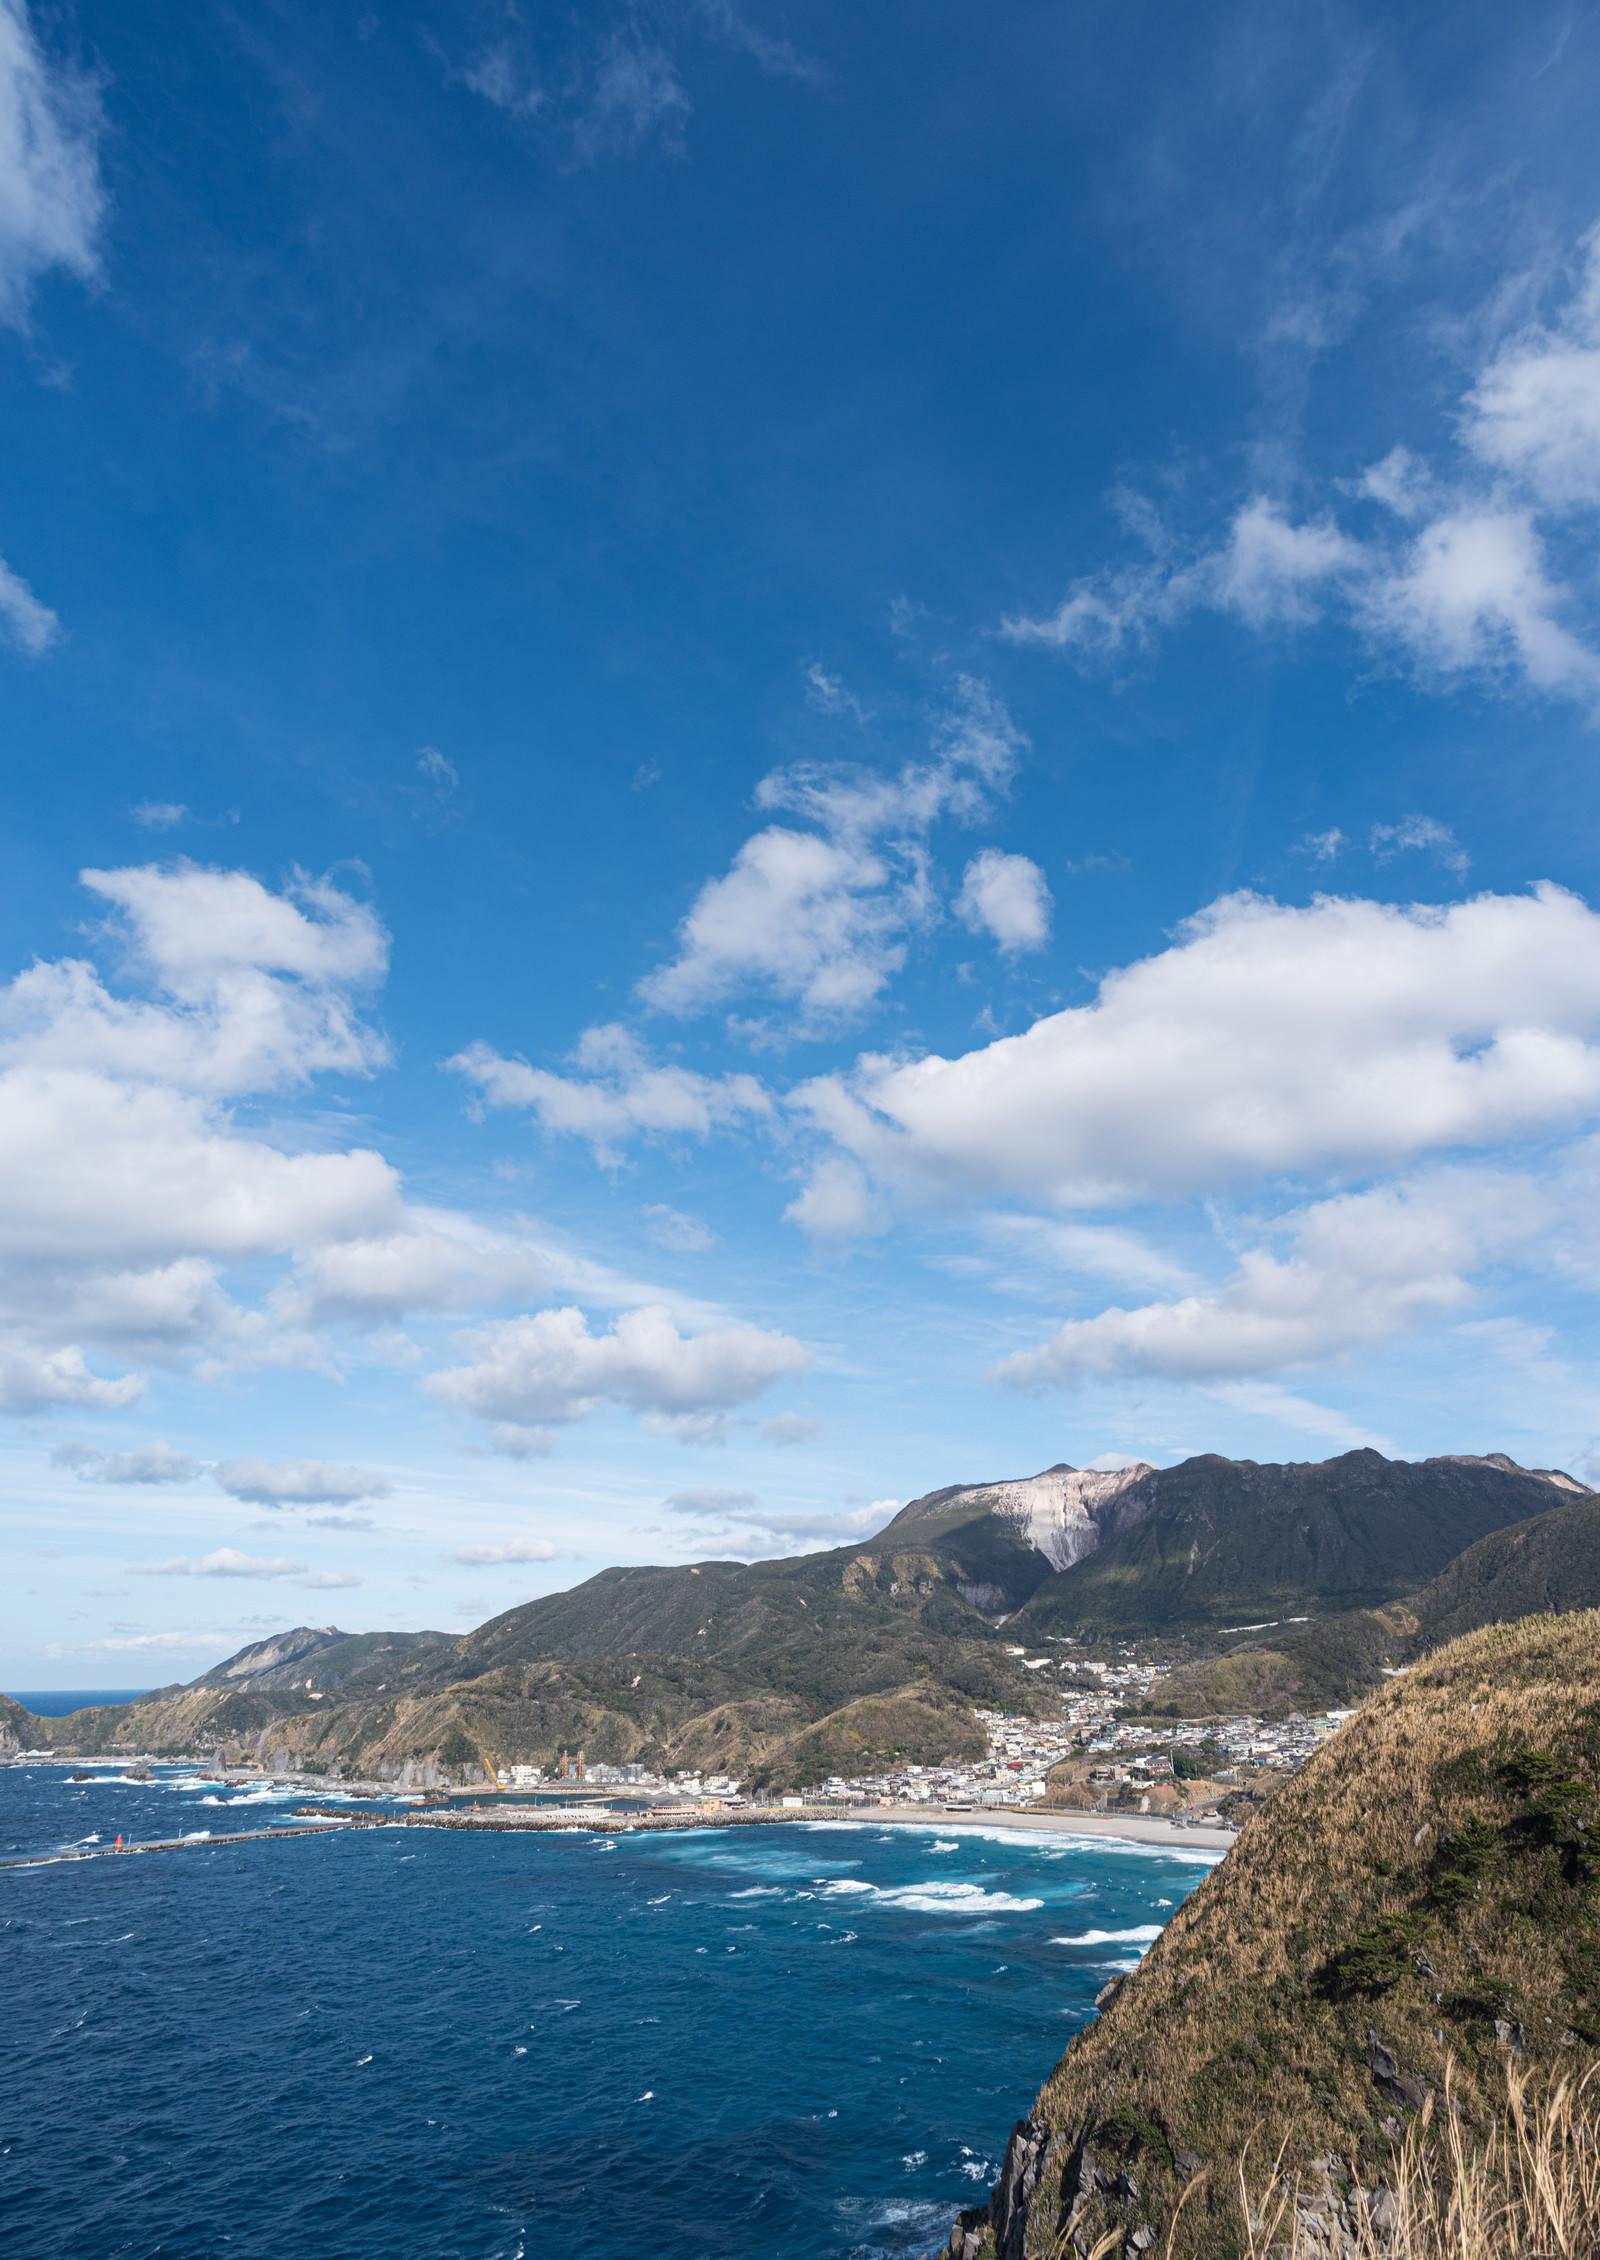 青空と神津島の様子のフリー素材